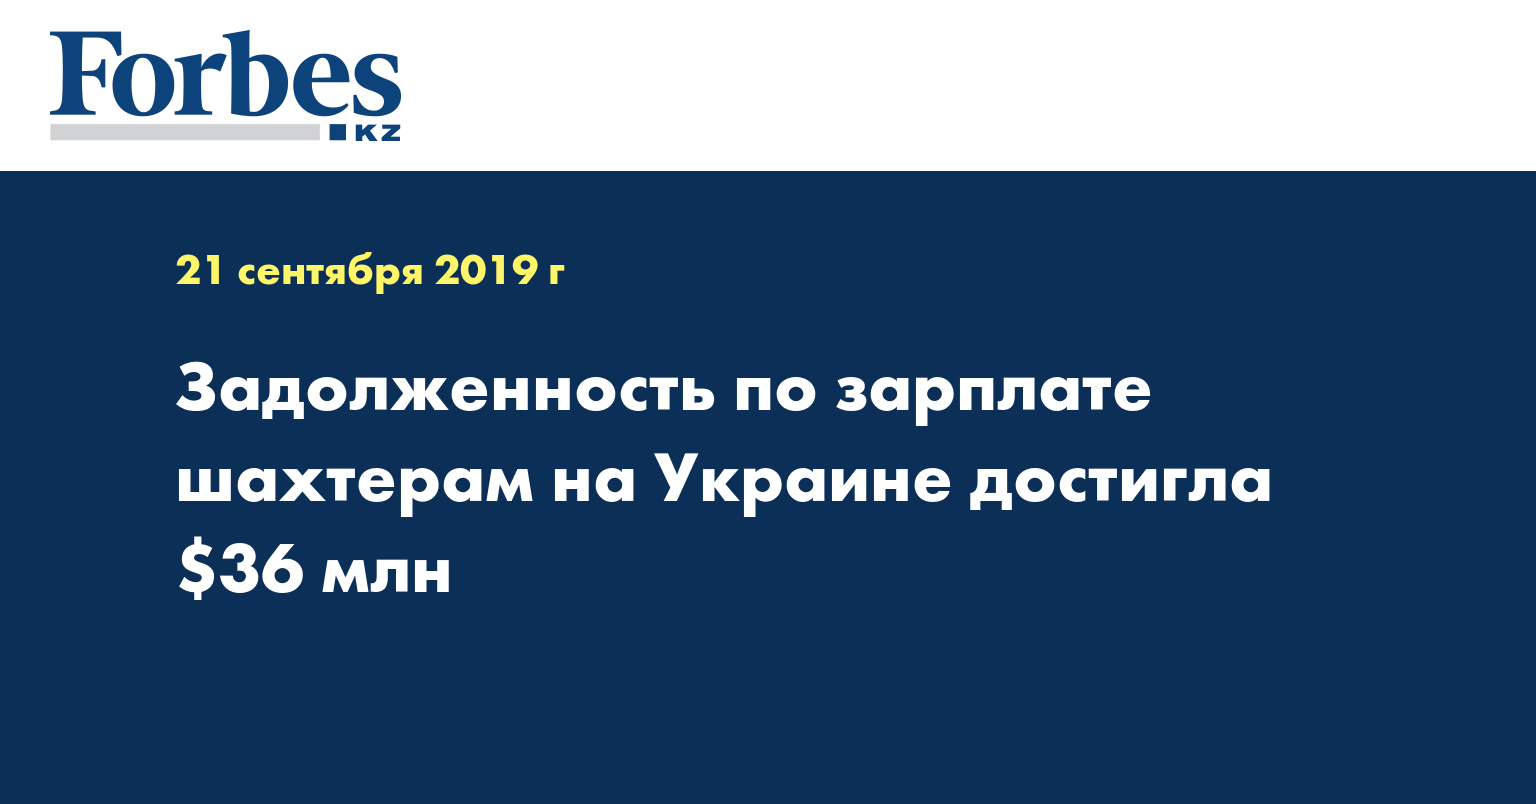 Задолженность по зарплате шахтерам на Украине достигла $36 млн